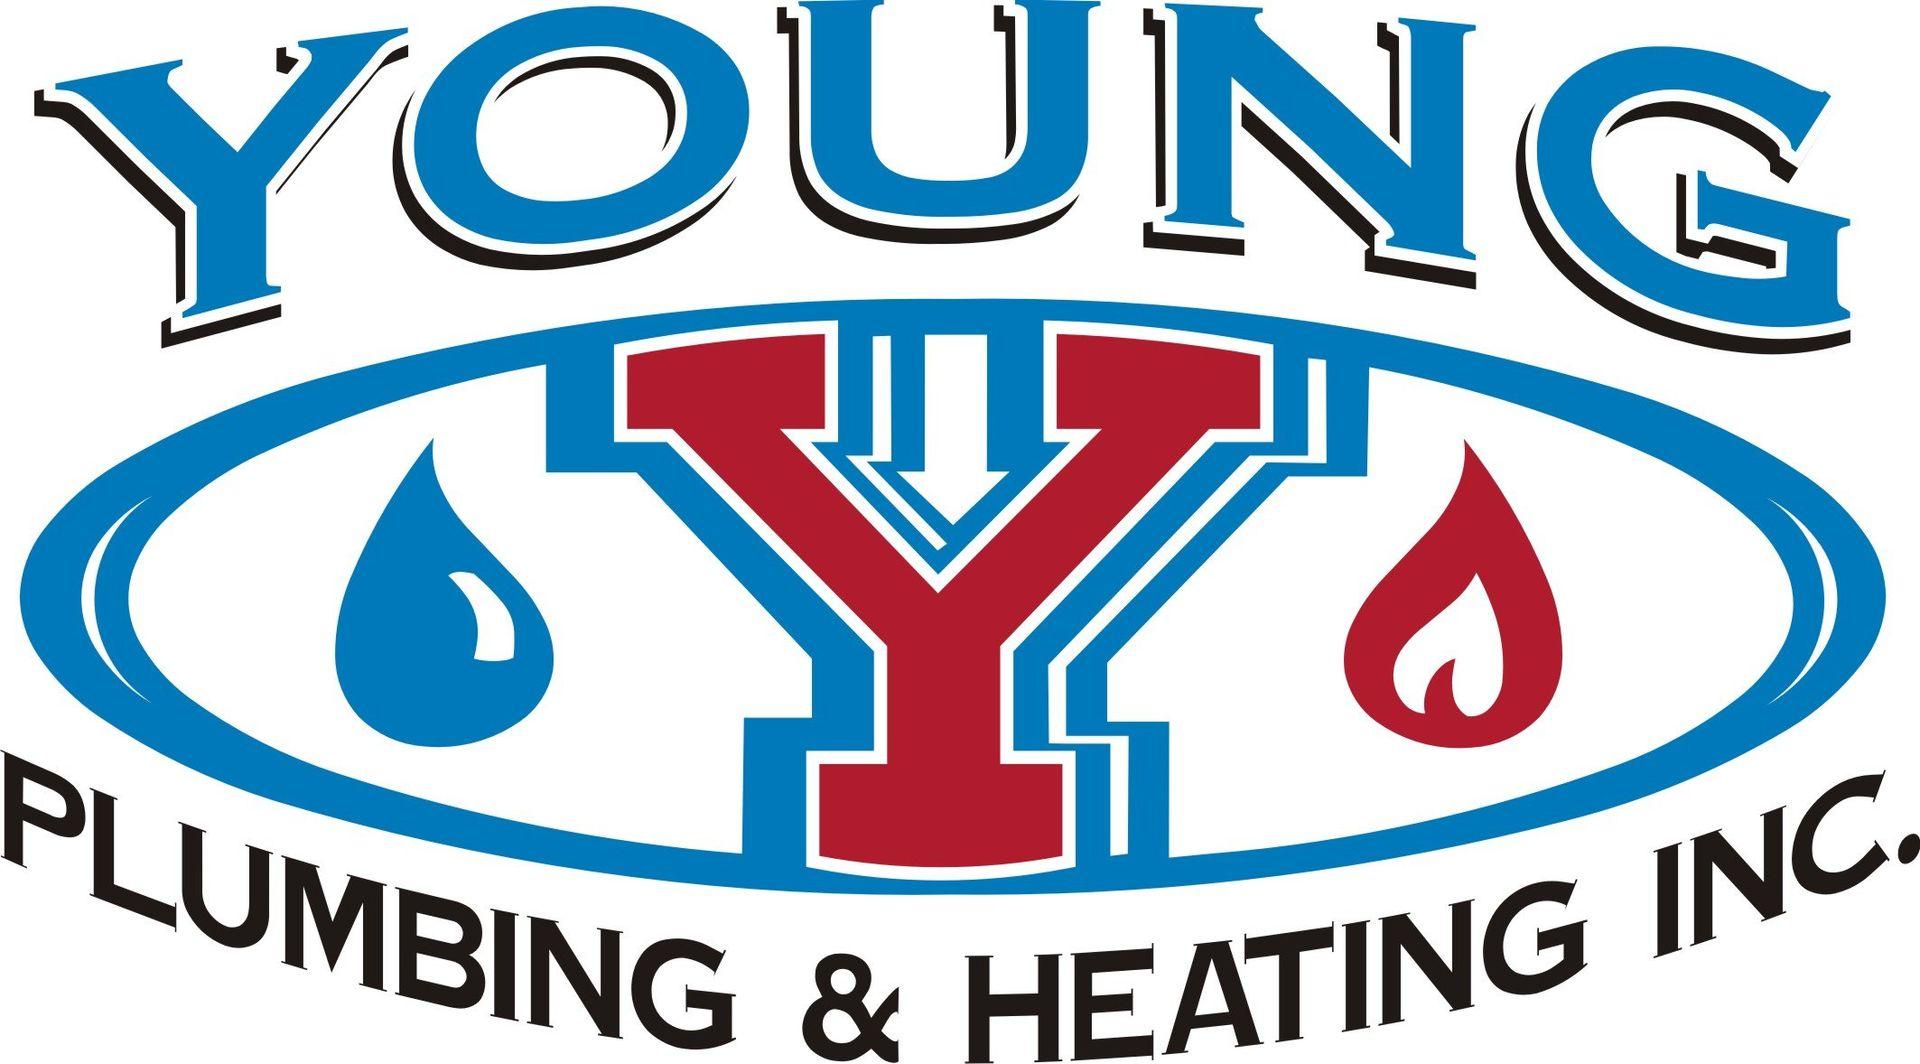 Young Plumbing & Heating Inc - Logo